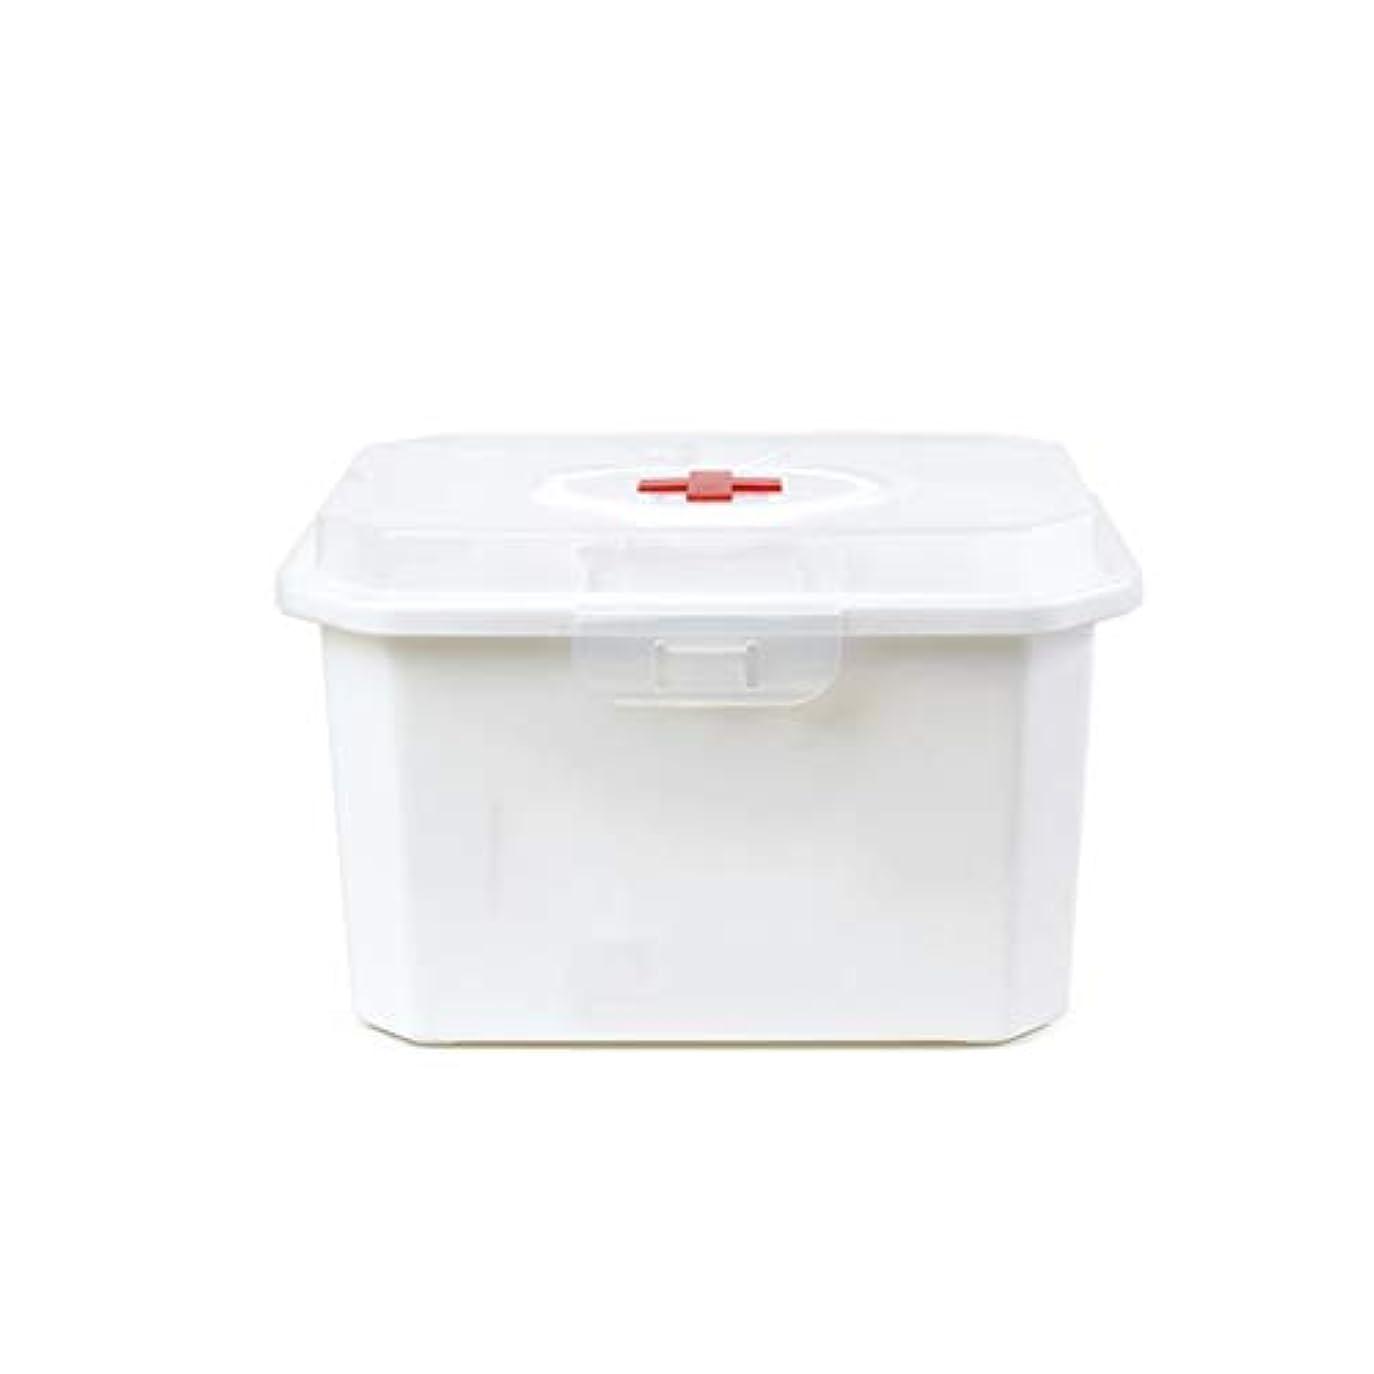 負荷命令愛人家庭用薬箱多層薬収納ボックス医療箱救急箱プラスチック薬箱二サイズオプション CQQO (Size : 33.5×25×21cm)